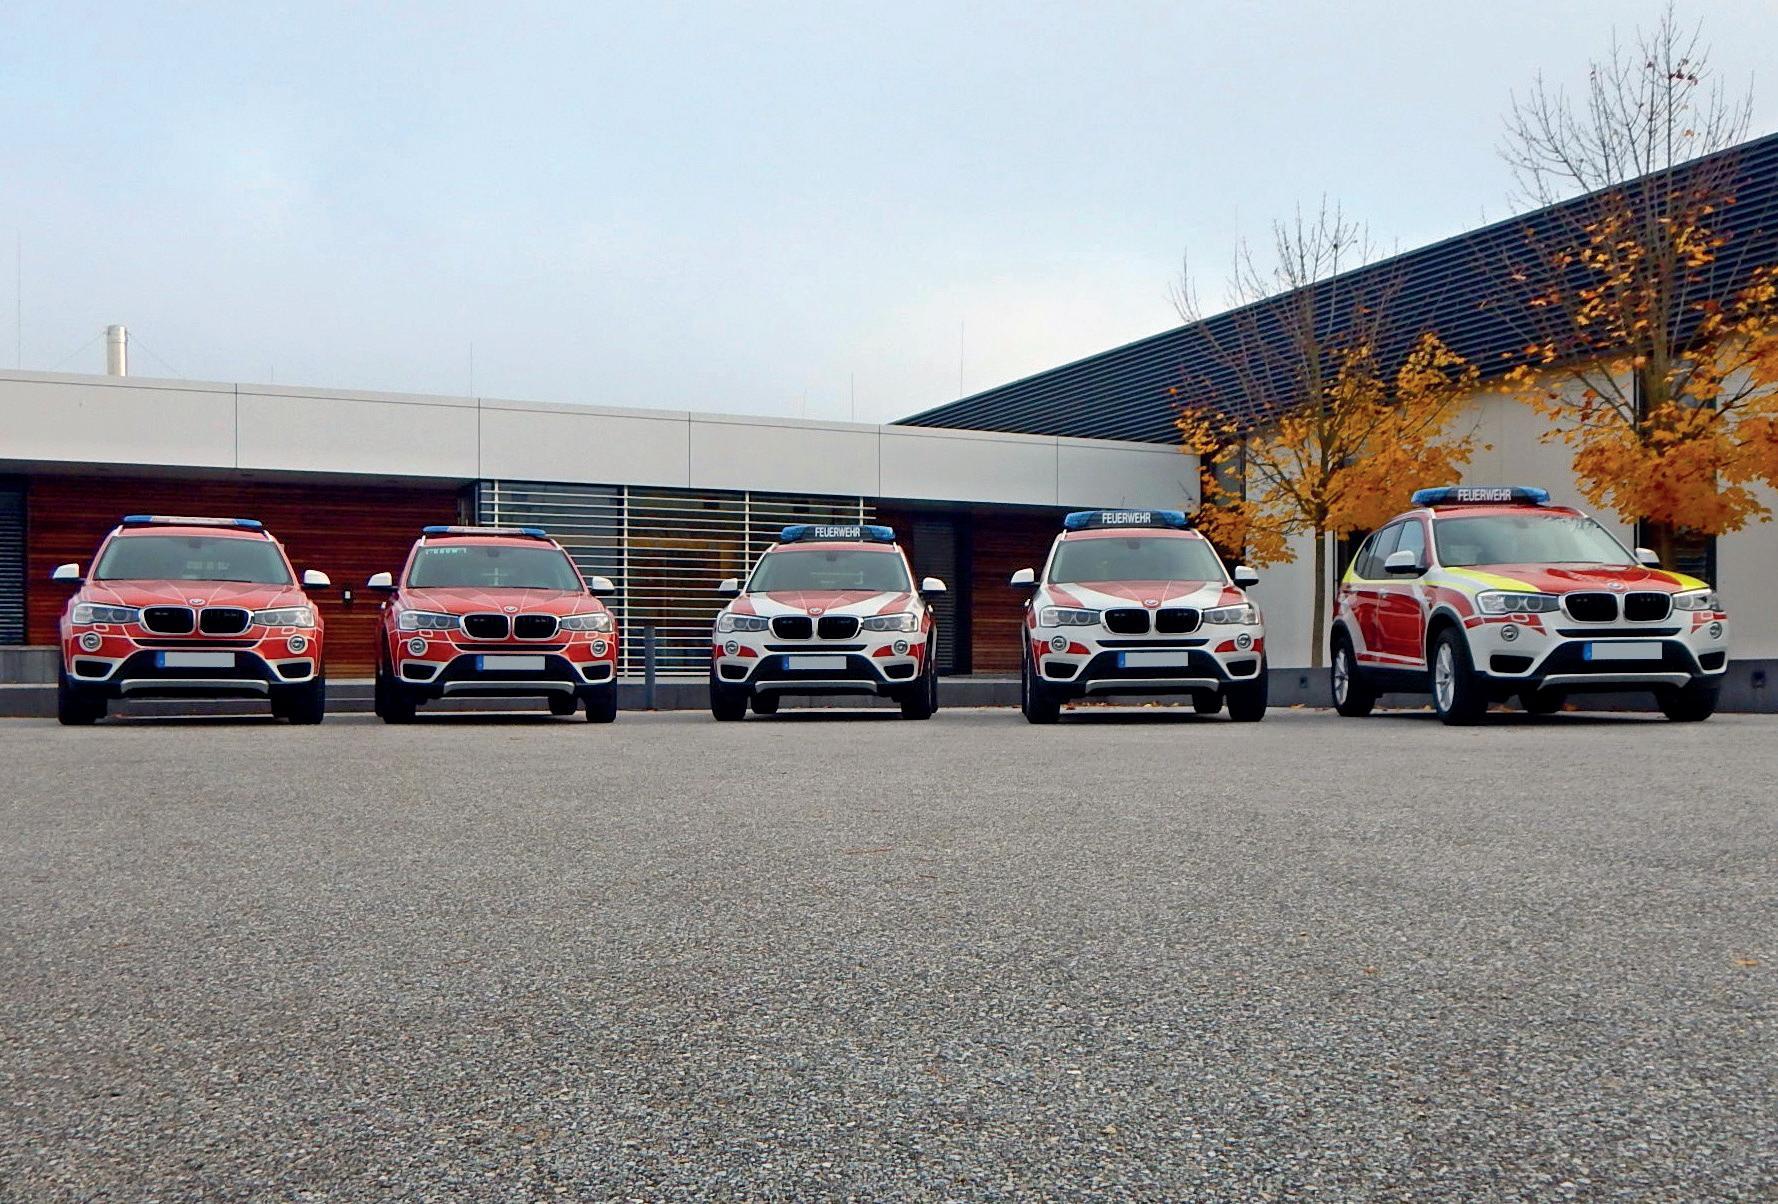 Page 22 of » Haberl Electronic GmbH & Co. KG Neuerungen für Blaulichtkräfte, die mit Einsatzfahrzeugen von BMW mobil sind